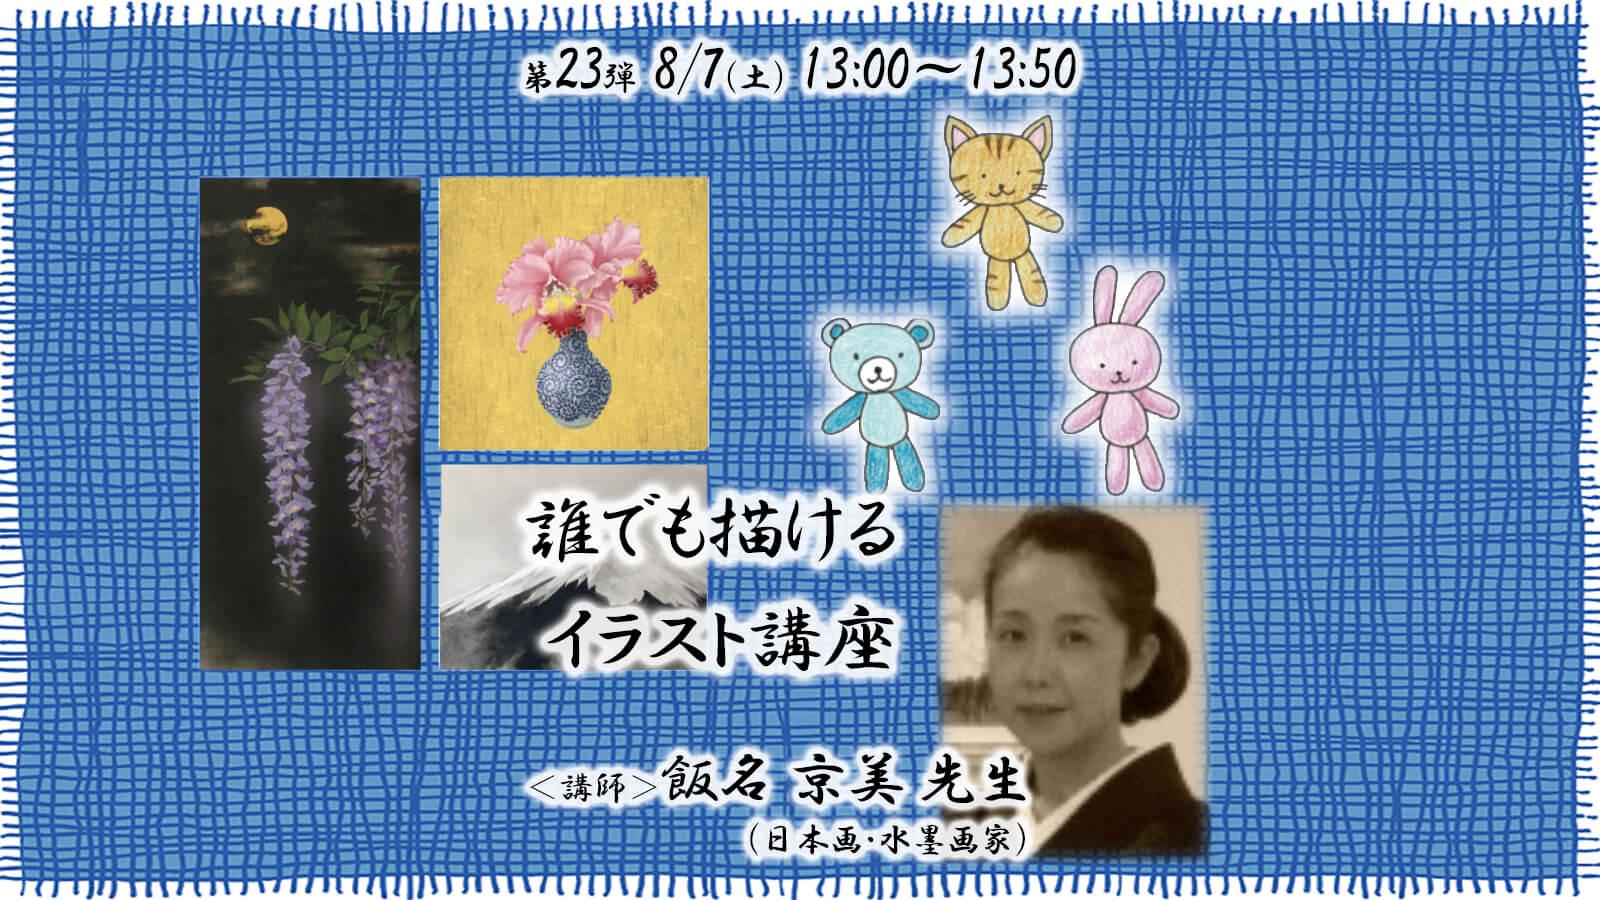 日本画・水墨画家飯名京美先生誰でも描けるイラスト講座概要画像